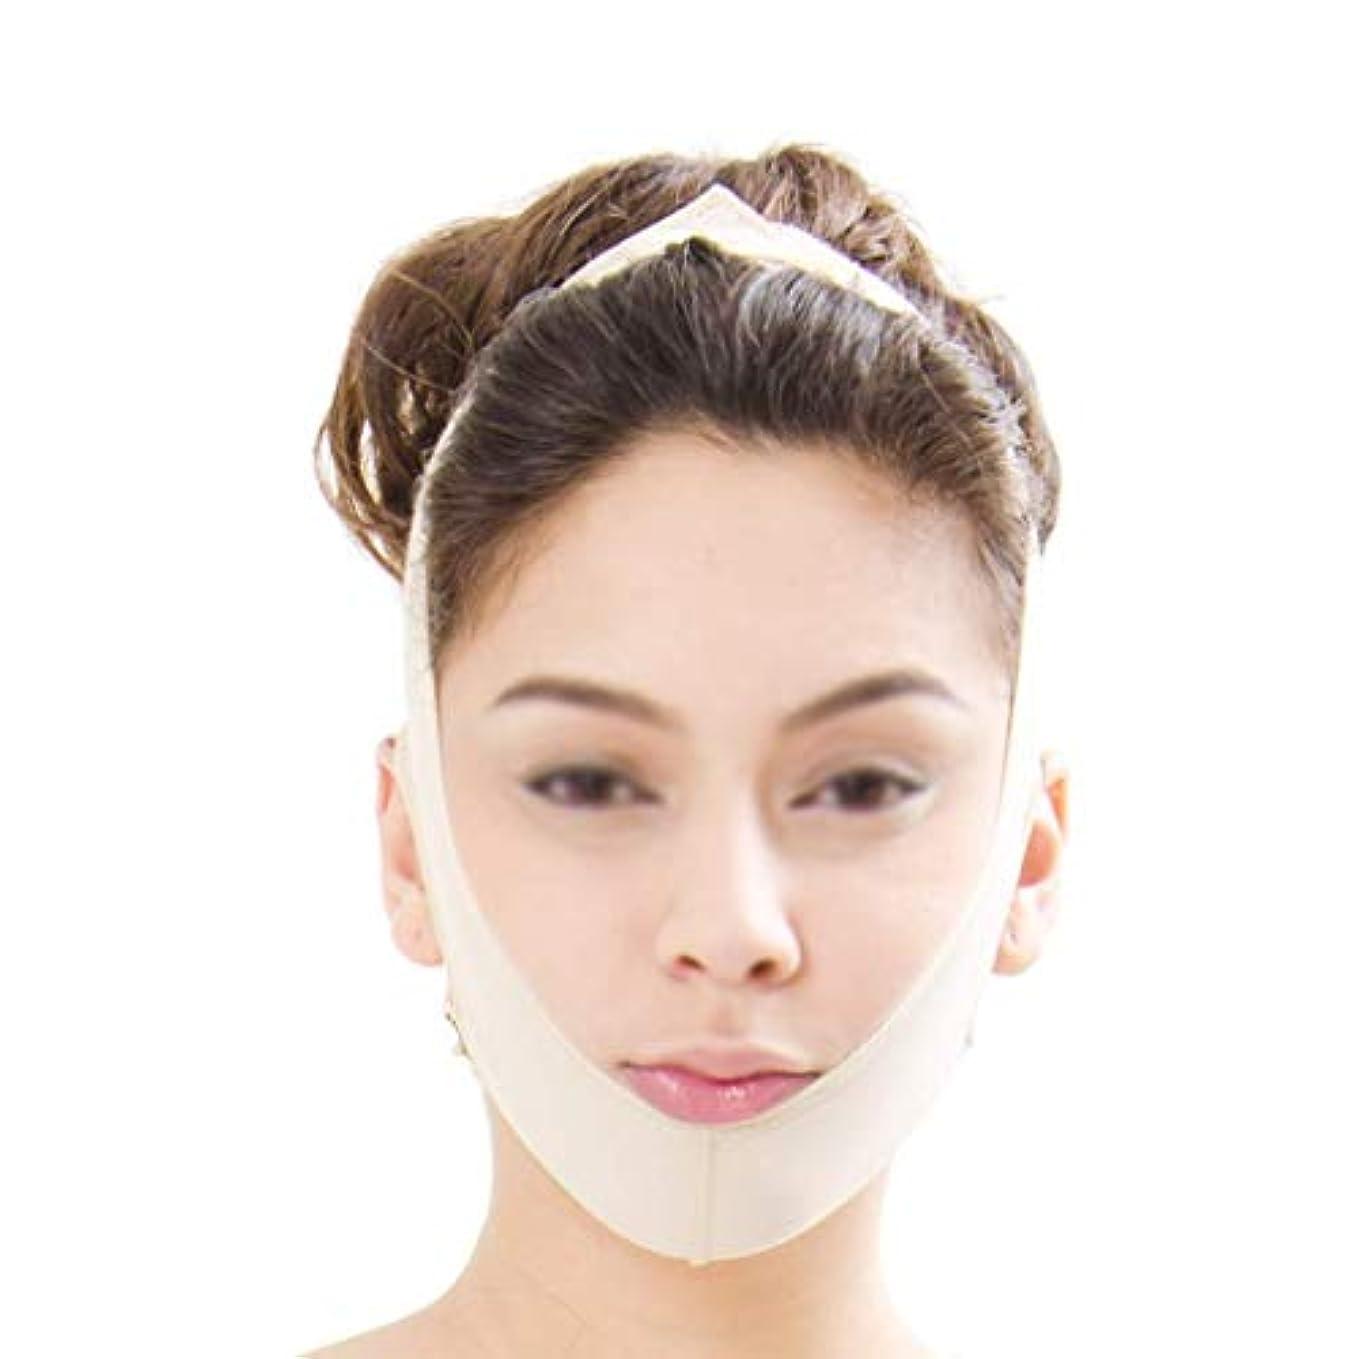 フェイススリミングバンデージ、フェイスリフティングマスク、フェイスリフティングバンデージ、フェイシャル減量マスク、ダブルチンケア減量(サイズ:M),XL